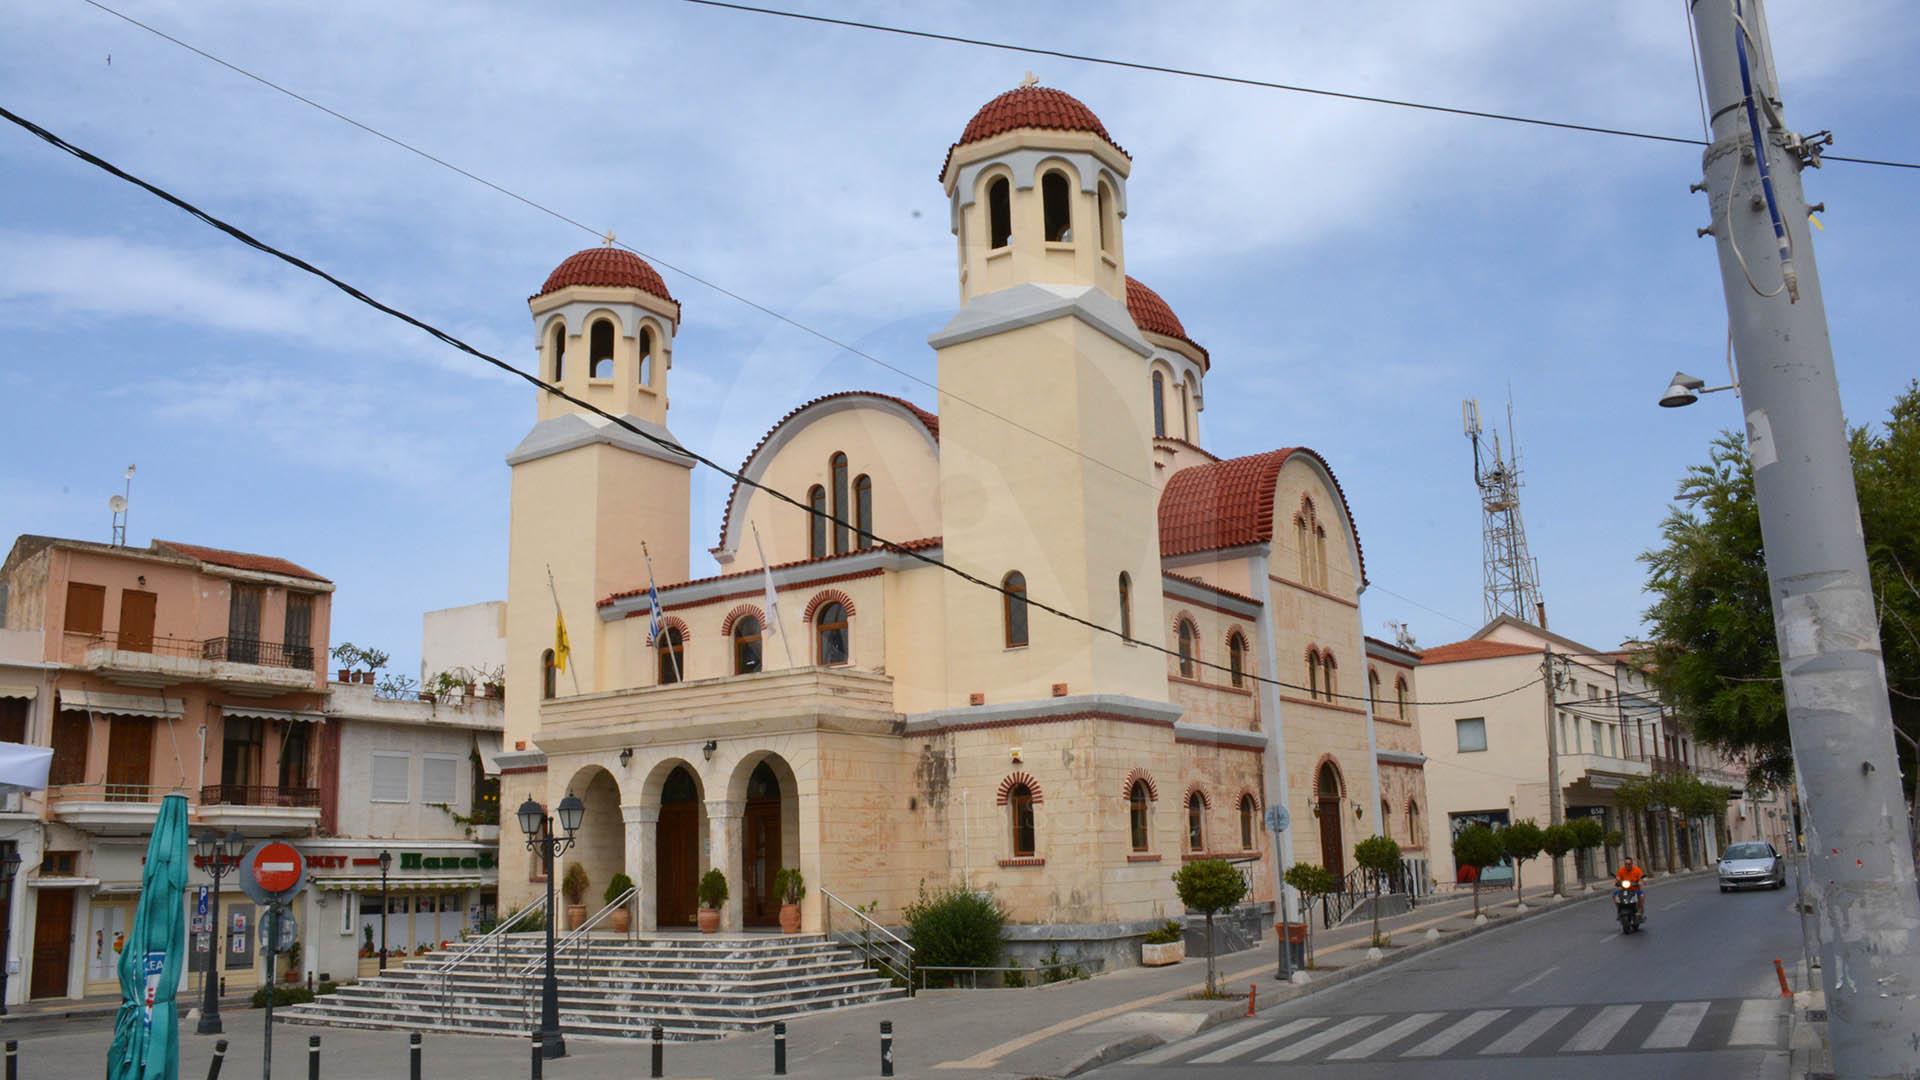 Ιερός ναός Τέσσερις Μάρτυρες Ρέθυμνο - thisiscrete . travel guide of Crete